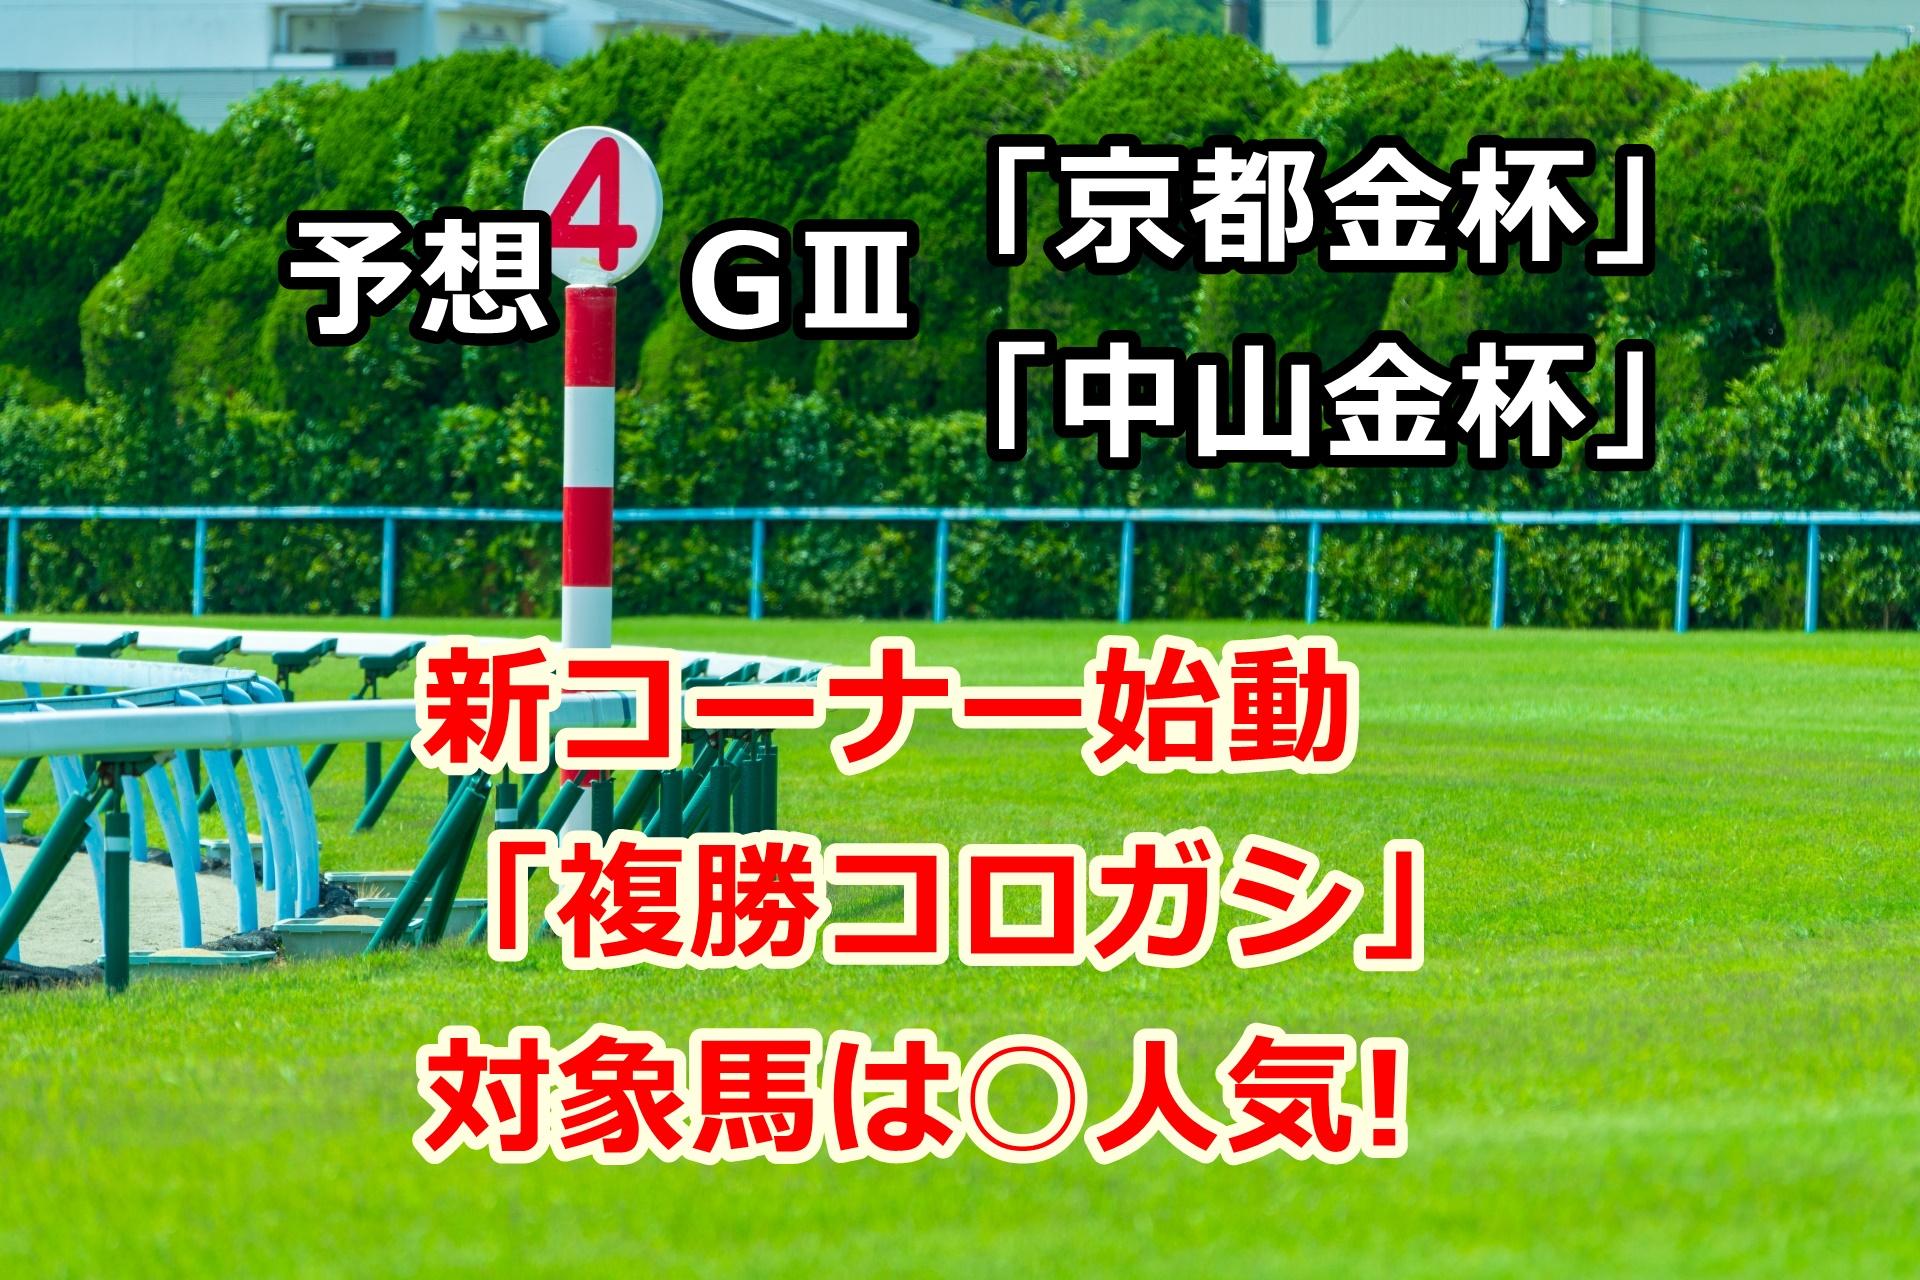 【競馬】京都金杯、中山金杯の予想 新コーナー始動「複勝コロガシ」 第34回